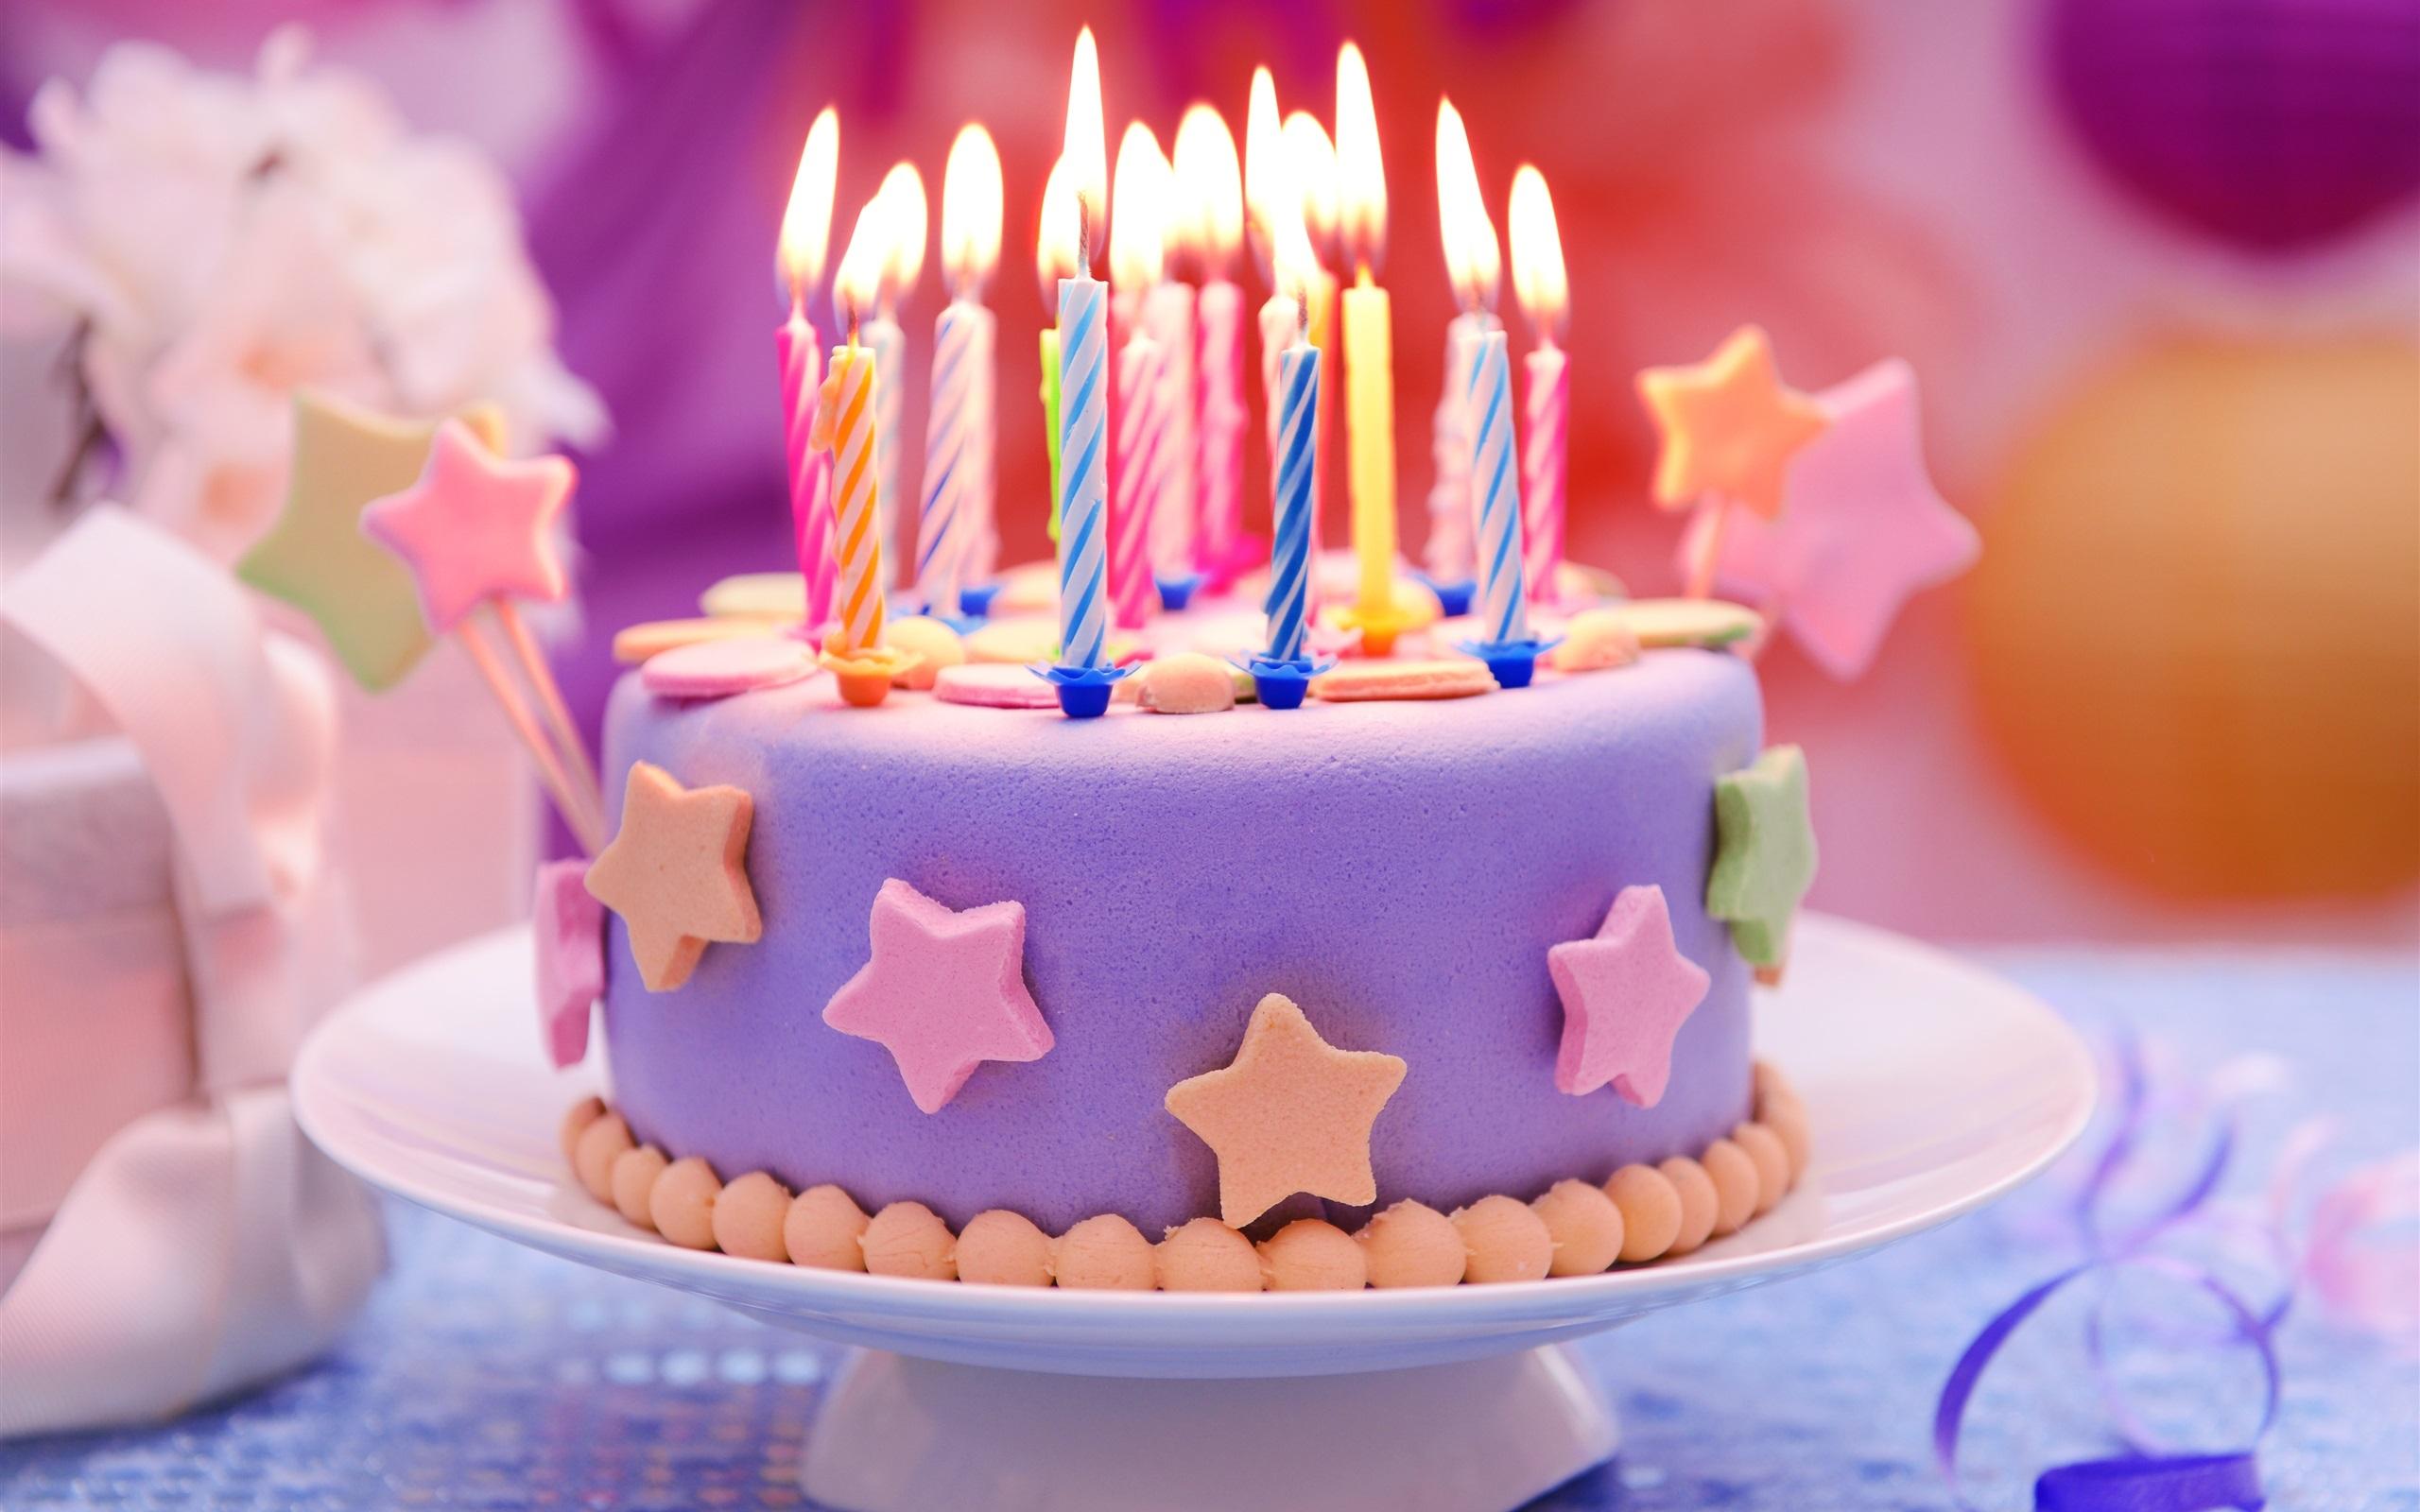 Happy Birthday Kuchen Kerzen Sternen 2560x1600 Hd